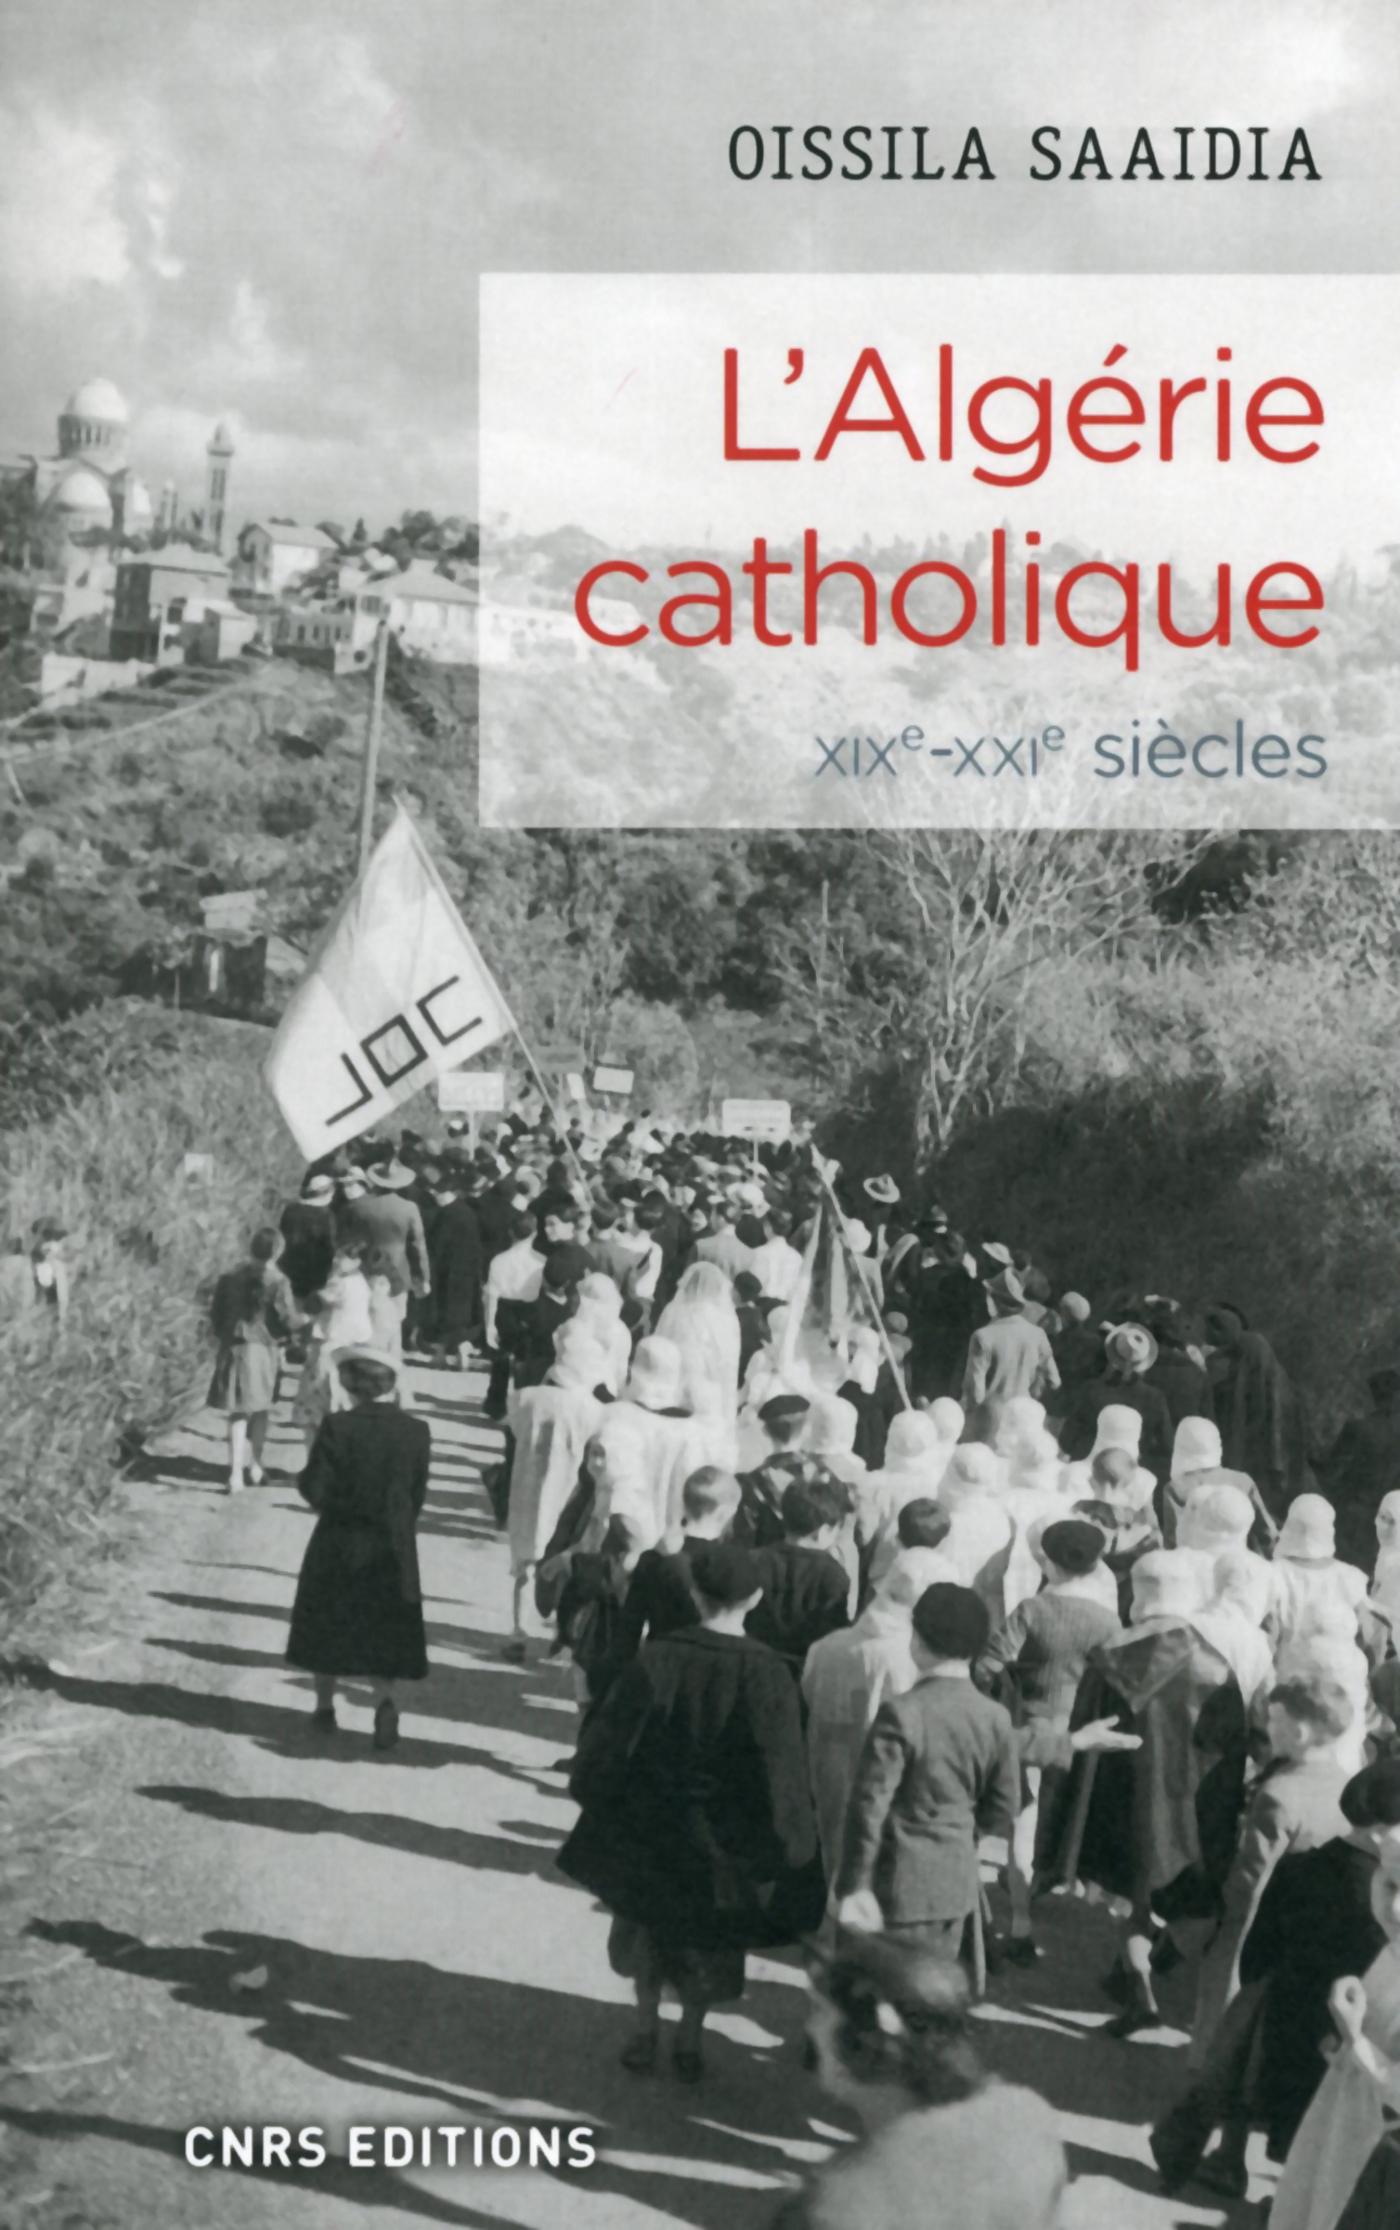 L'Alg?rie catholique XIXe - XXIe si?cles